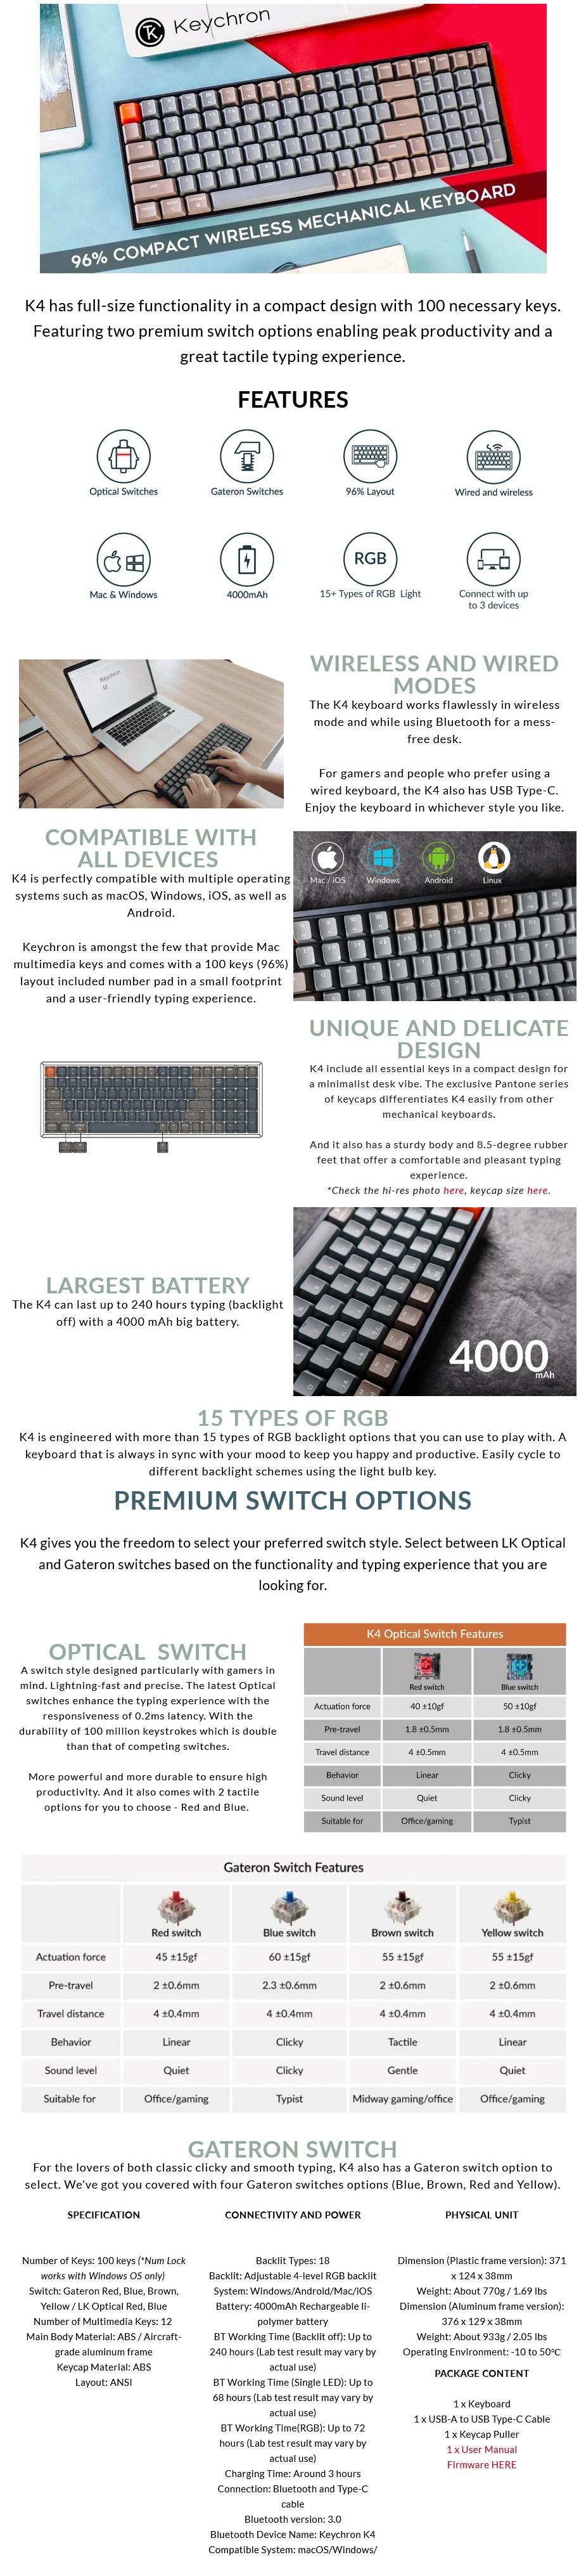 Keychron K4 Wireless RGB Mechanical Keyboard - Gateron Red - Overview 1